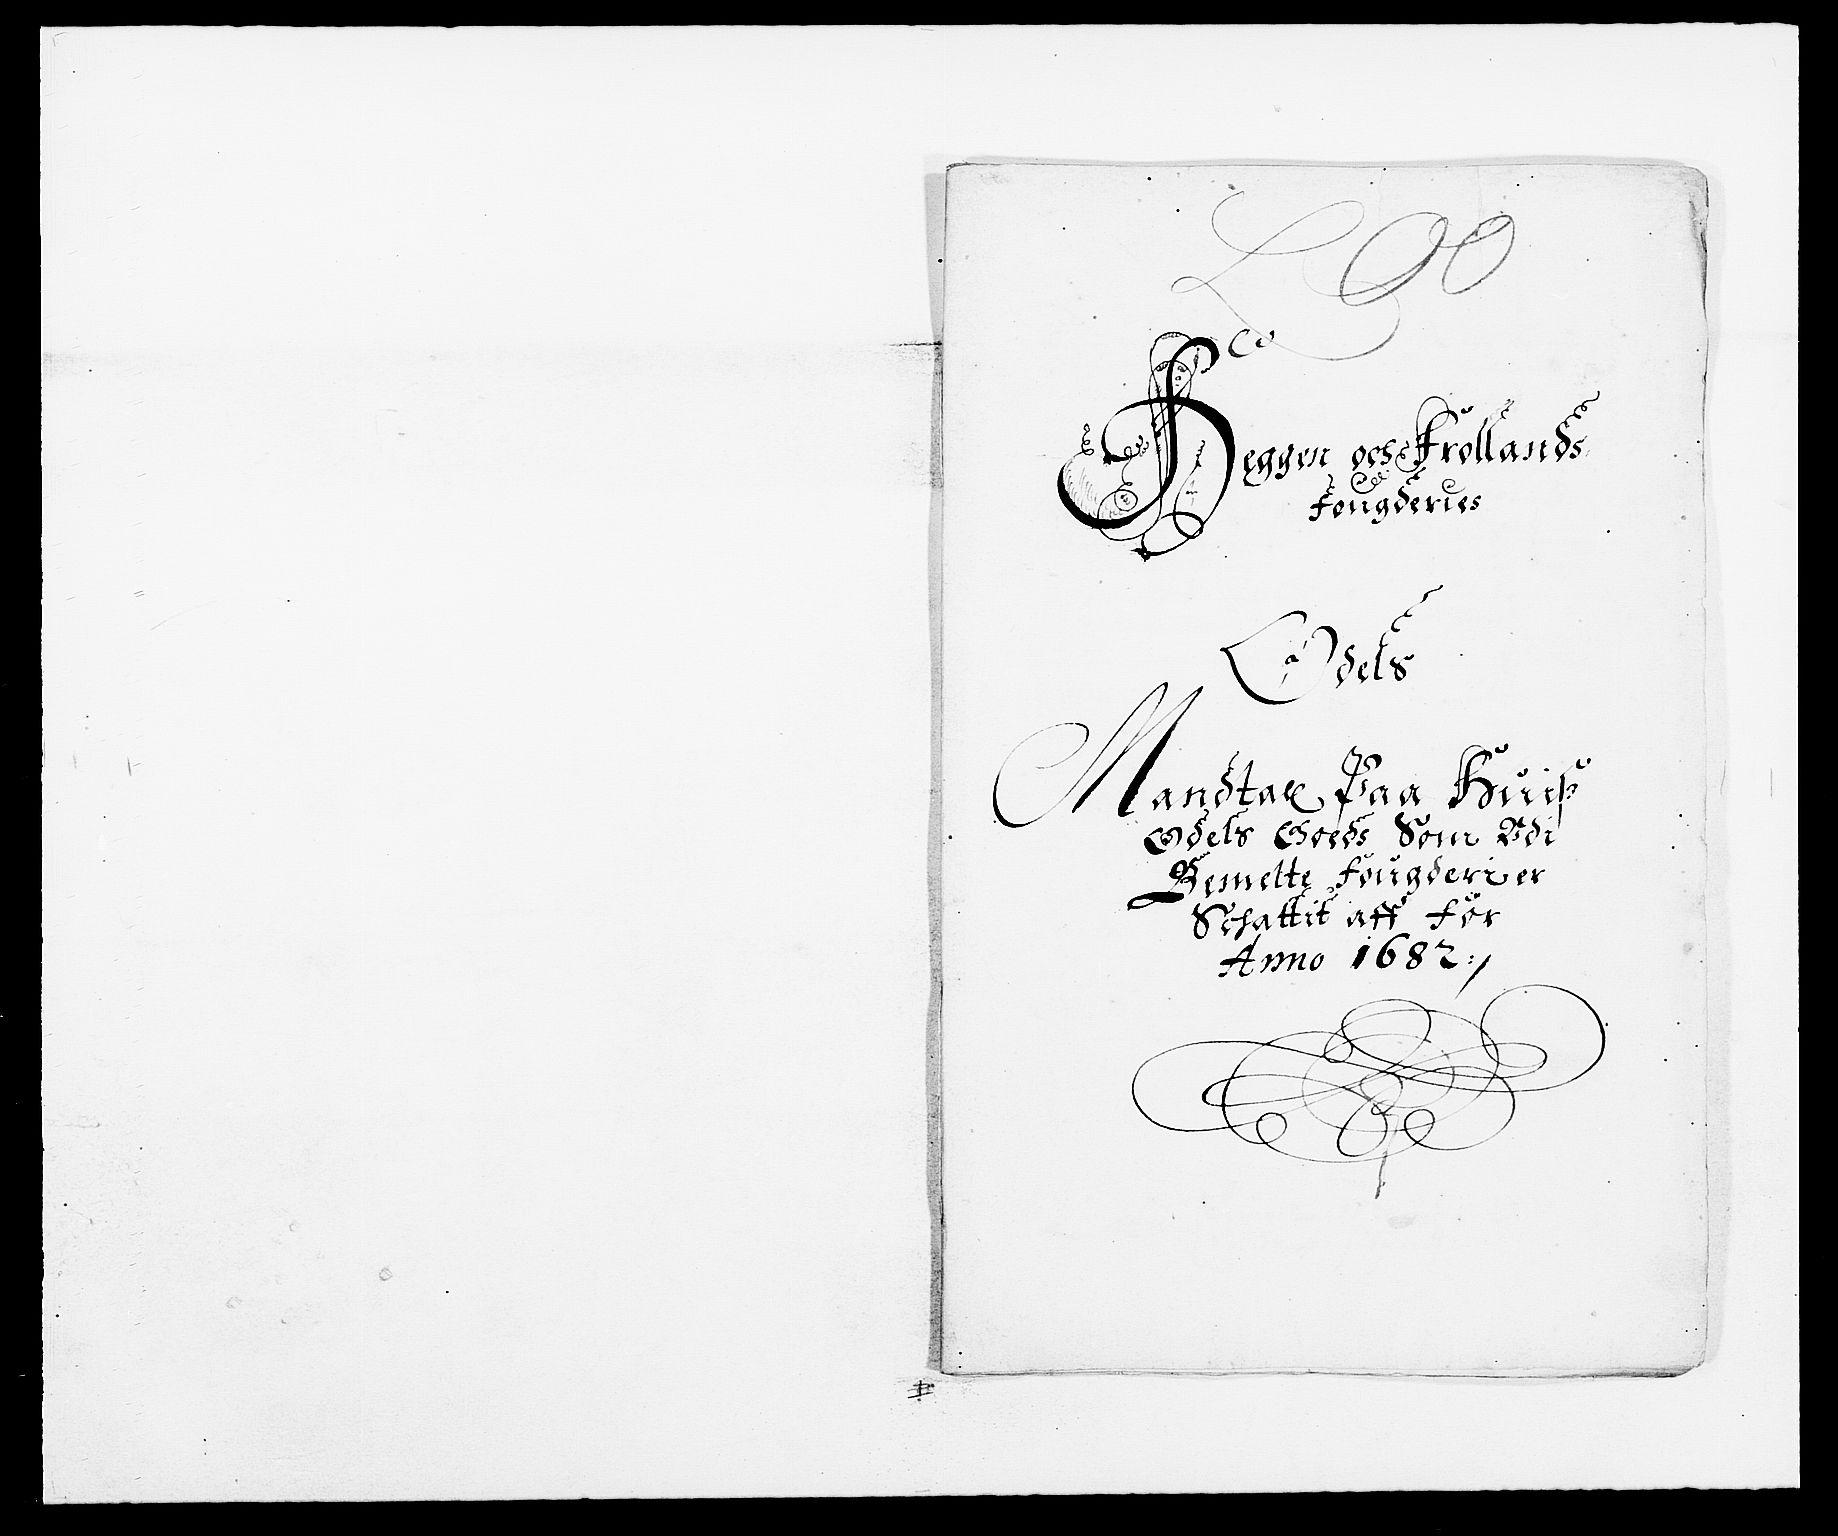 RA, Rentekammeret inntil 1814, Reviderte regnskaper, Fogderegnskap, R06/L0280: Fogderegnskap Heggen og Frøland, 1681-1684, s. 310